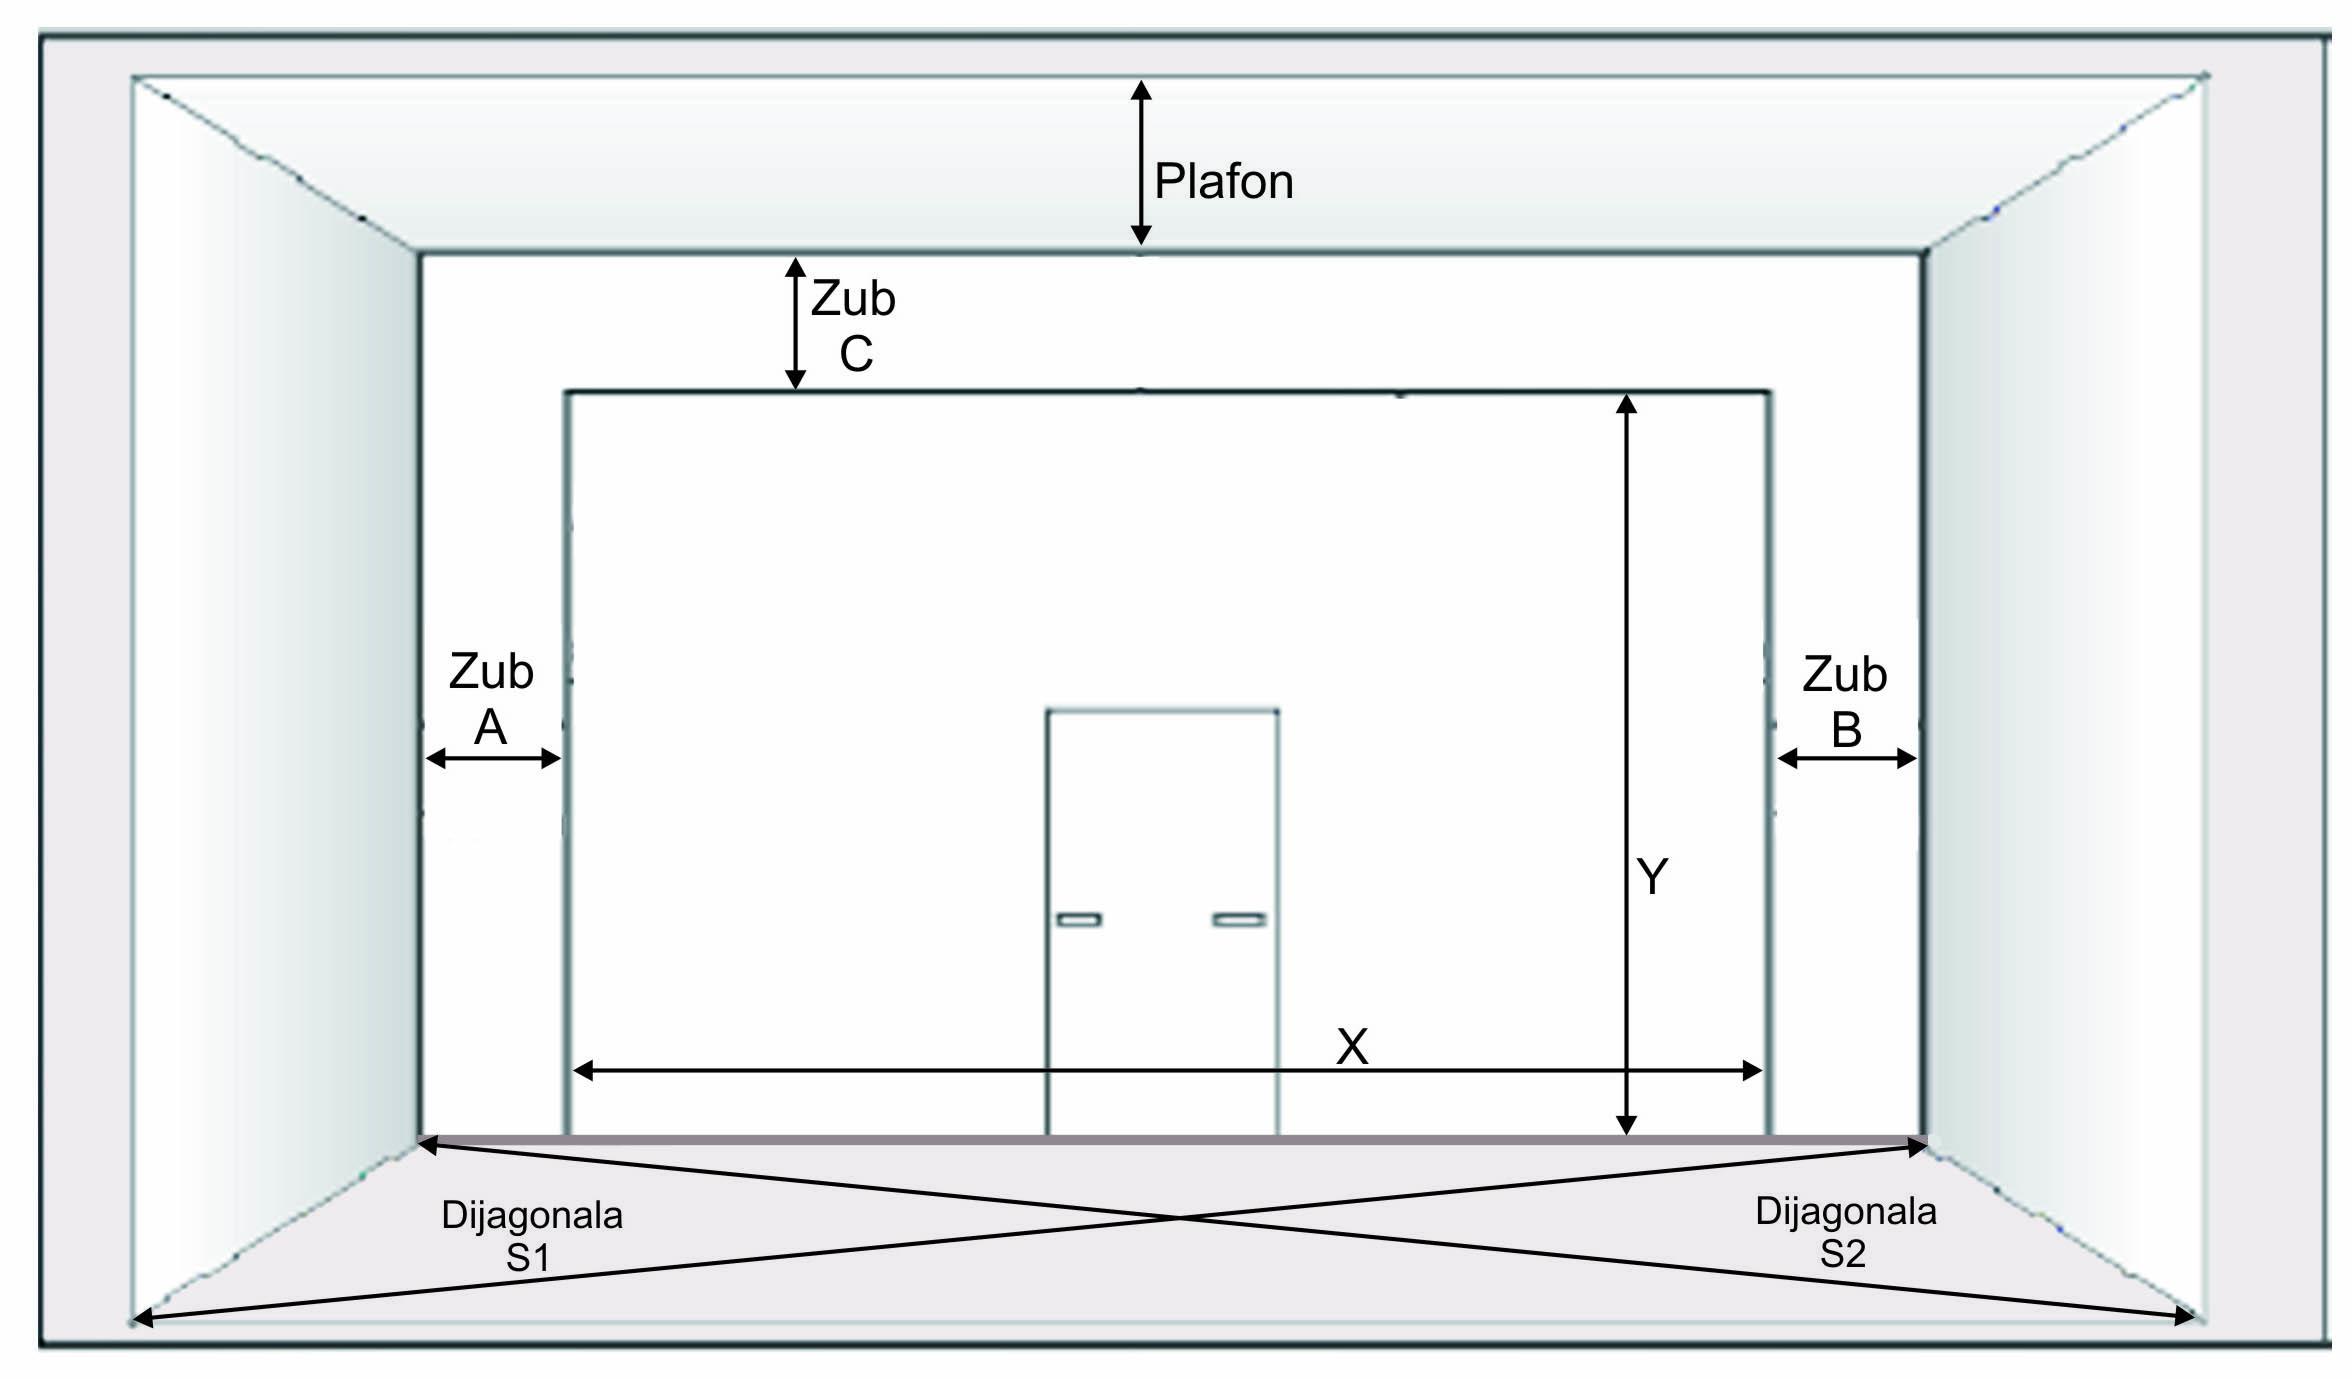 Zahtev za segmentna vrata